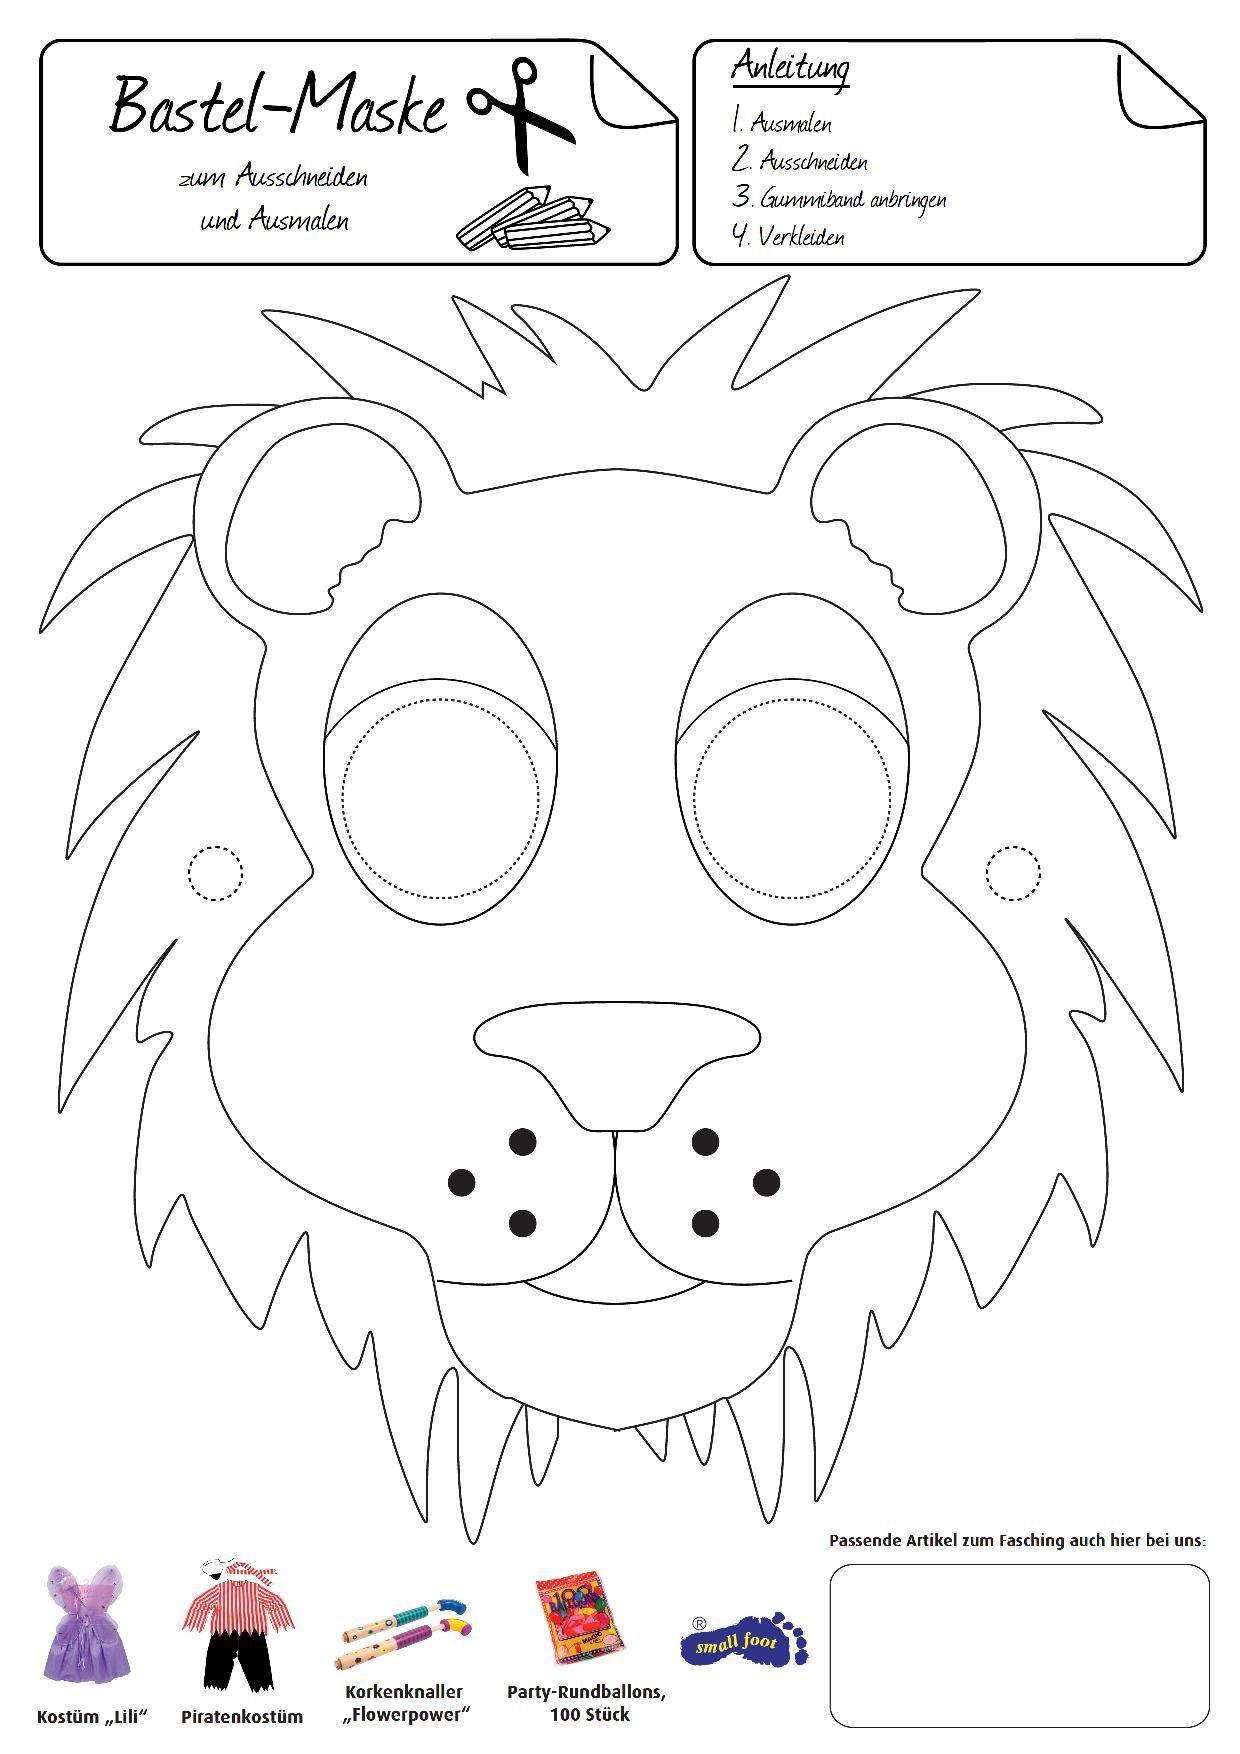 Löwen-Maske. Diese Maske Macht Sie Stolz, Wie Ein Löwe verwandt mit Tiermasken Basteln Vorlagen Ausdrucken